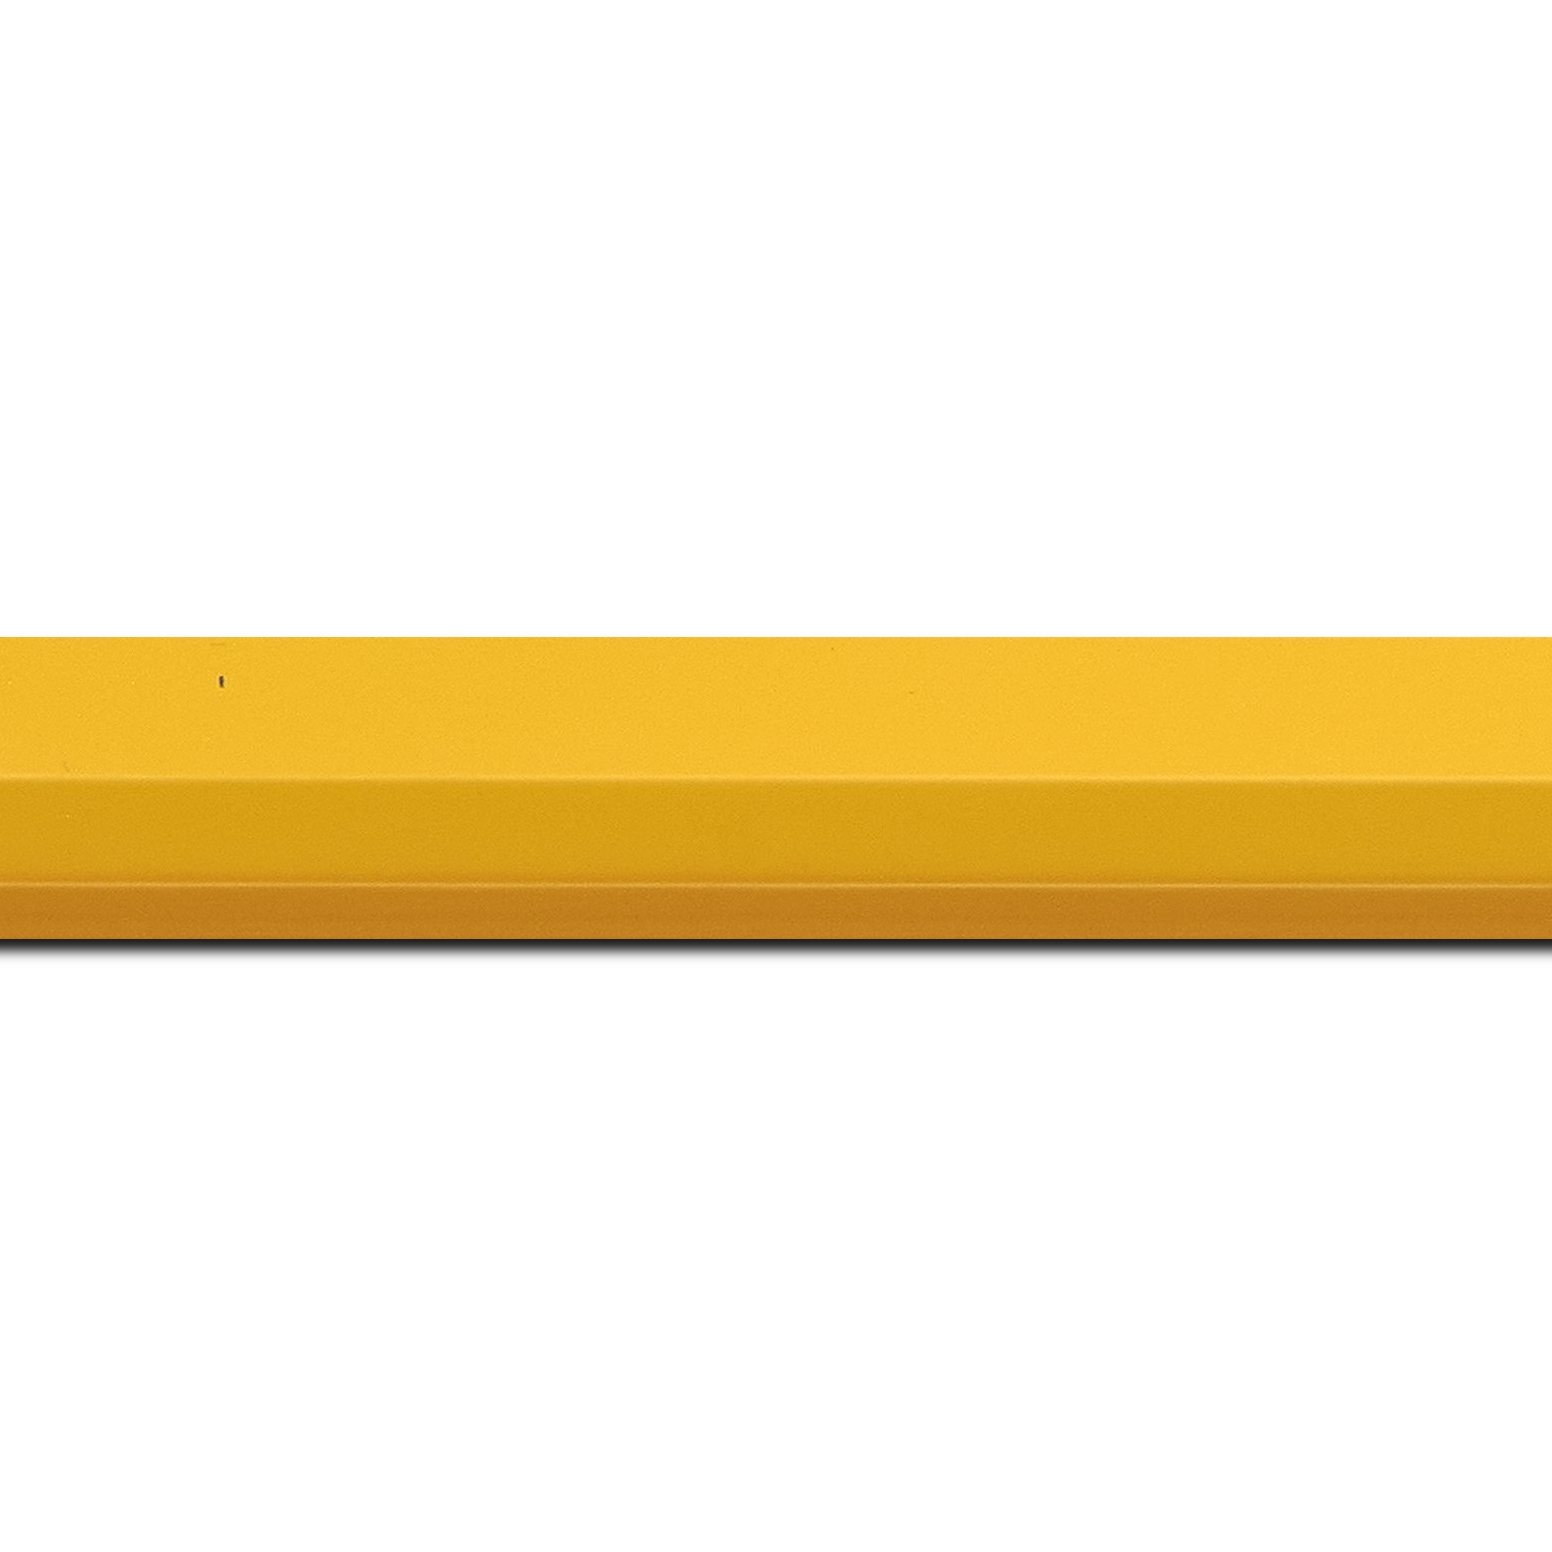 Baguette longueur 1.40m bois profil plat 3 faces largeur 2.8cm de couleur jaune mat , nez intérieur jaune + foncé mat dégradé (finition pore bouché)